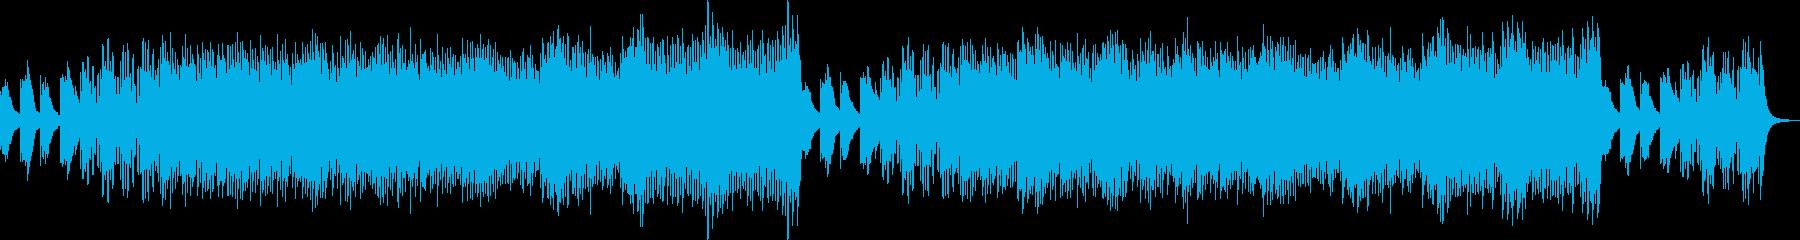 安らぎ・平和・平穏・ピアノソロの再生済みの波形